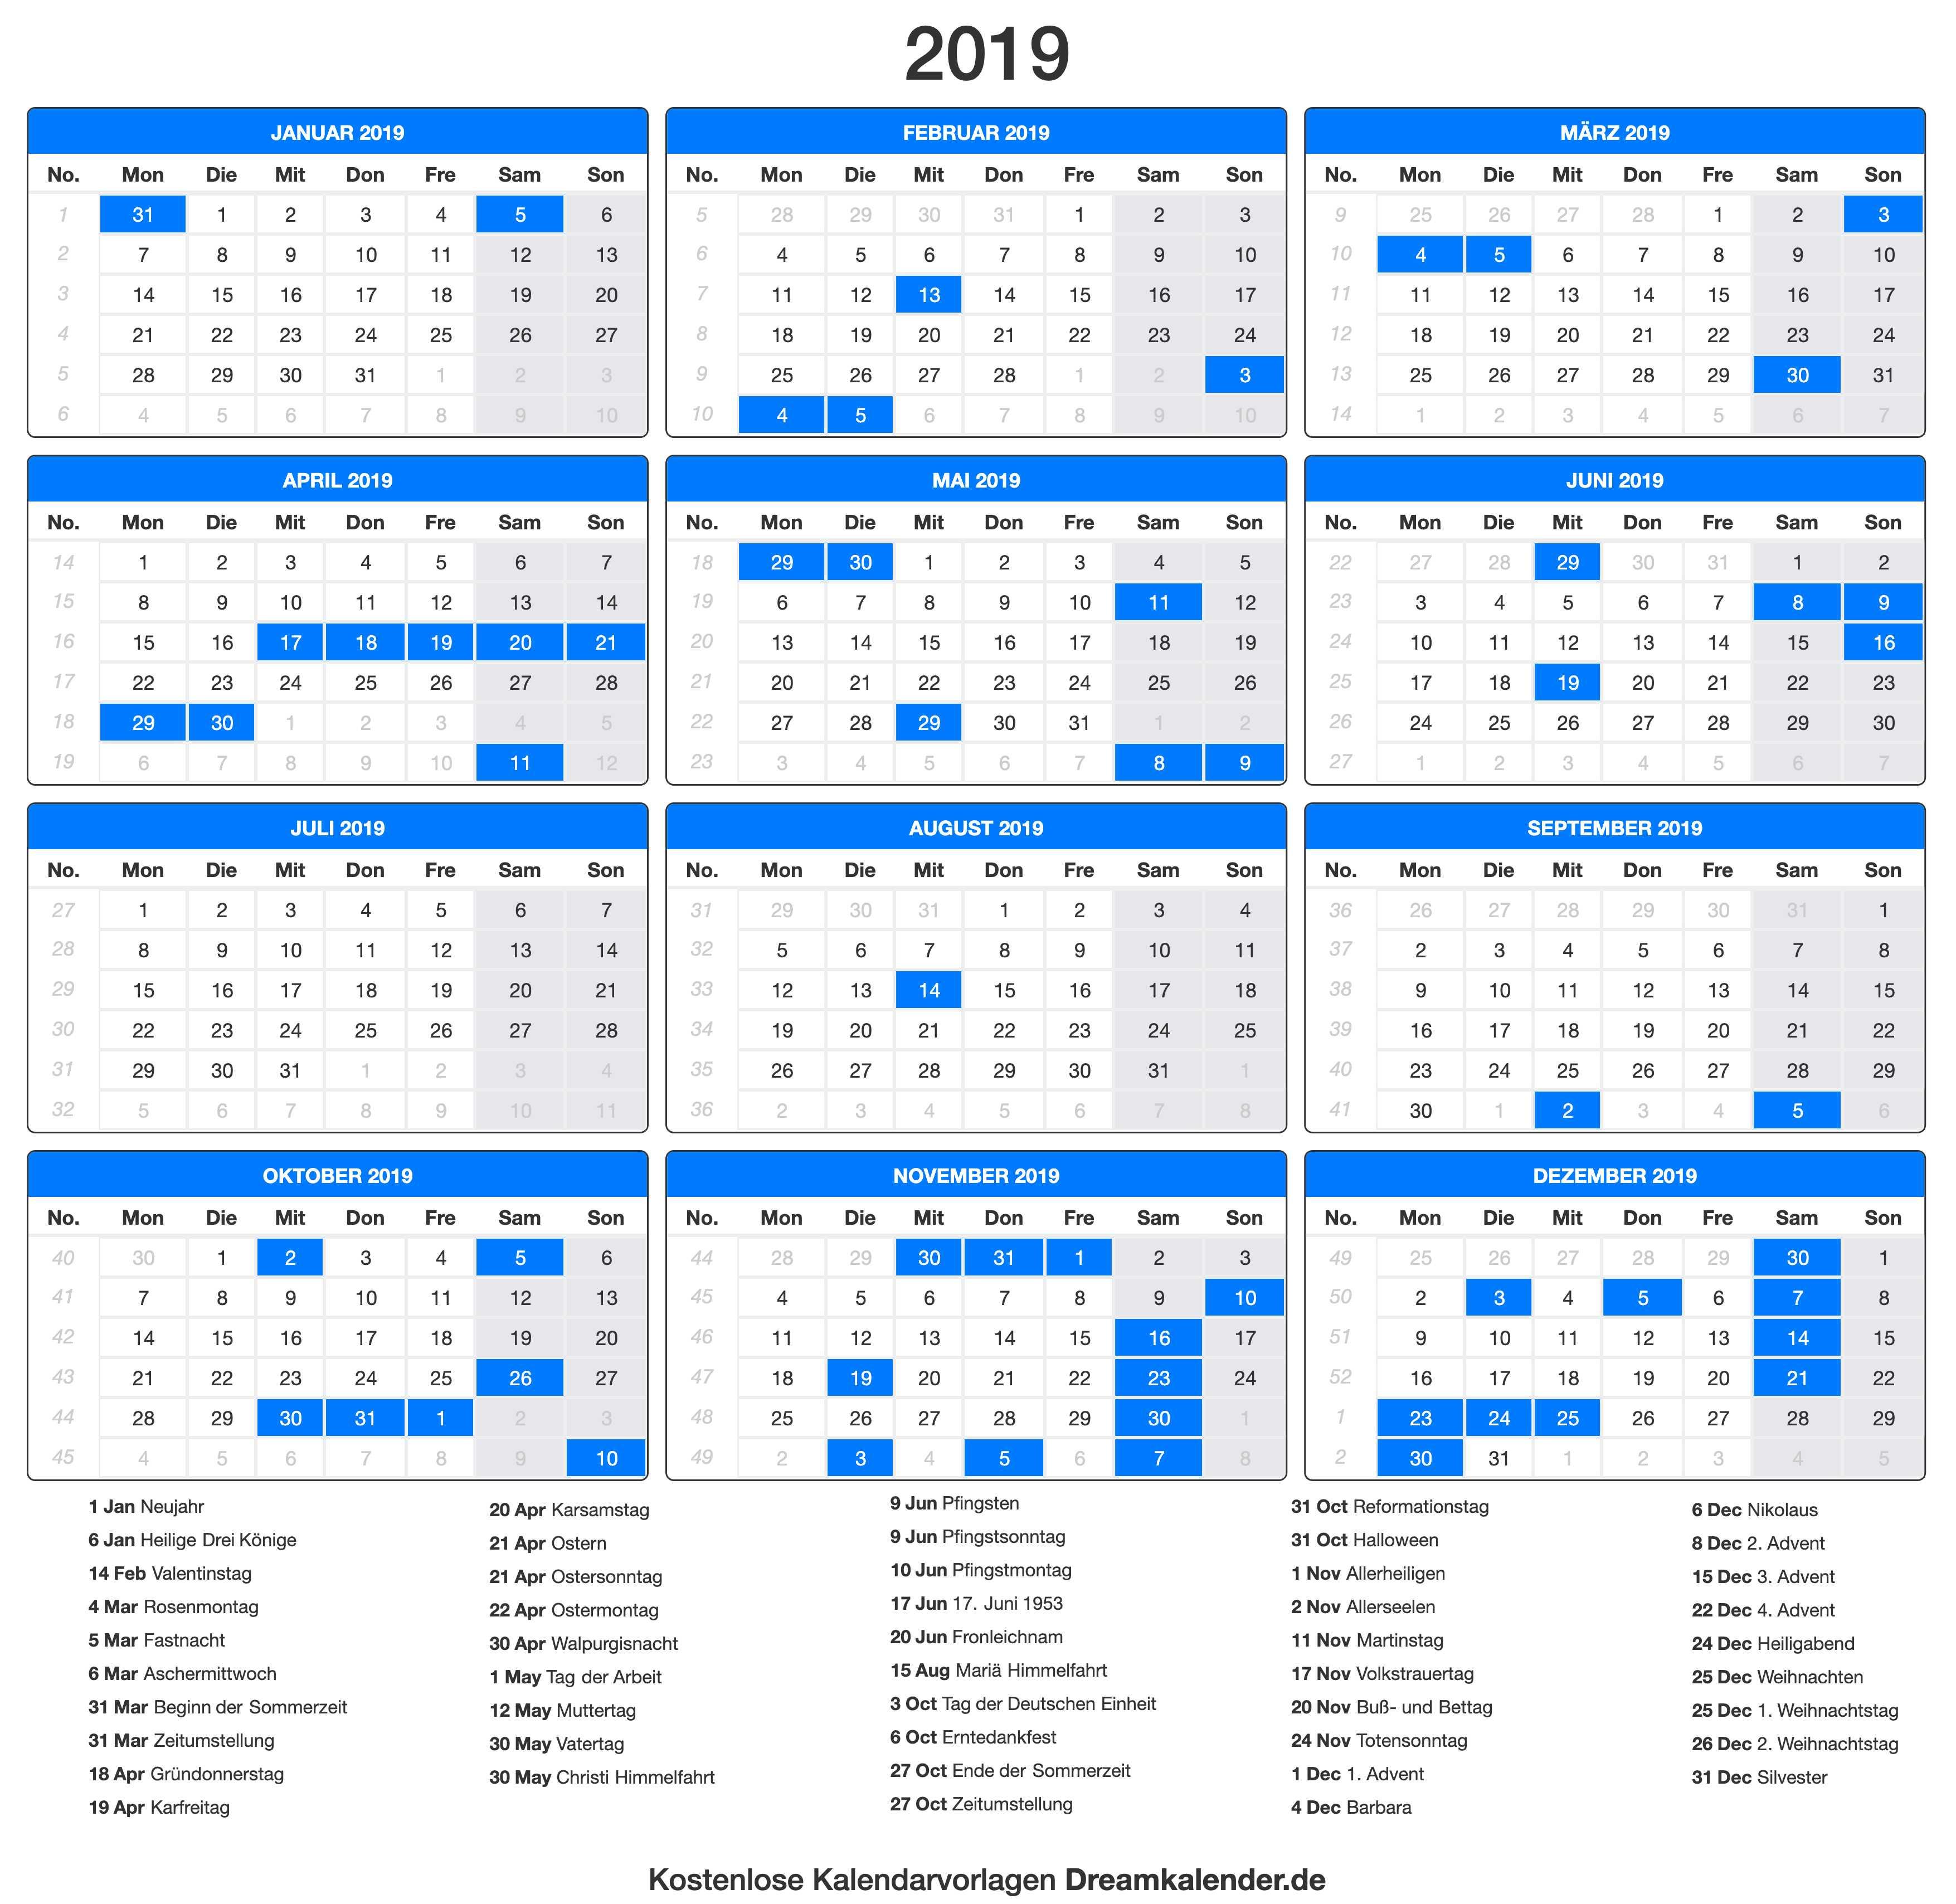 druckbare kalender 2019 dream kalender. Black Bedroom Furniture Sets. Home Design Ideas